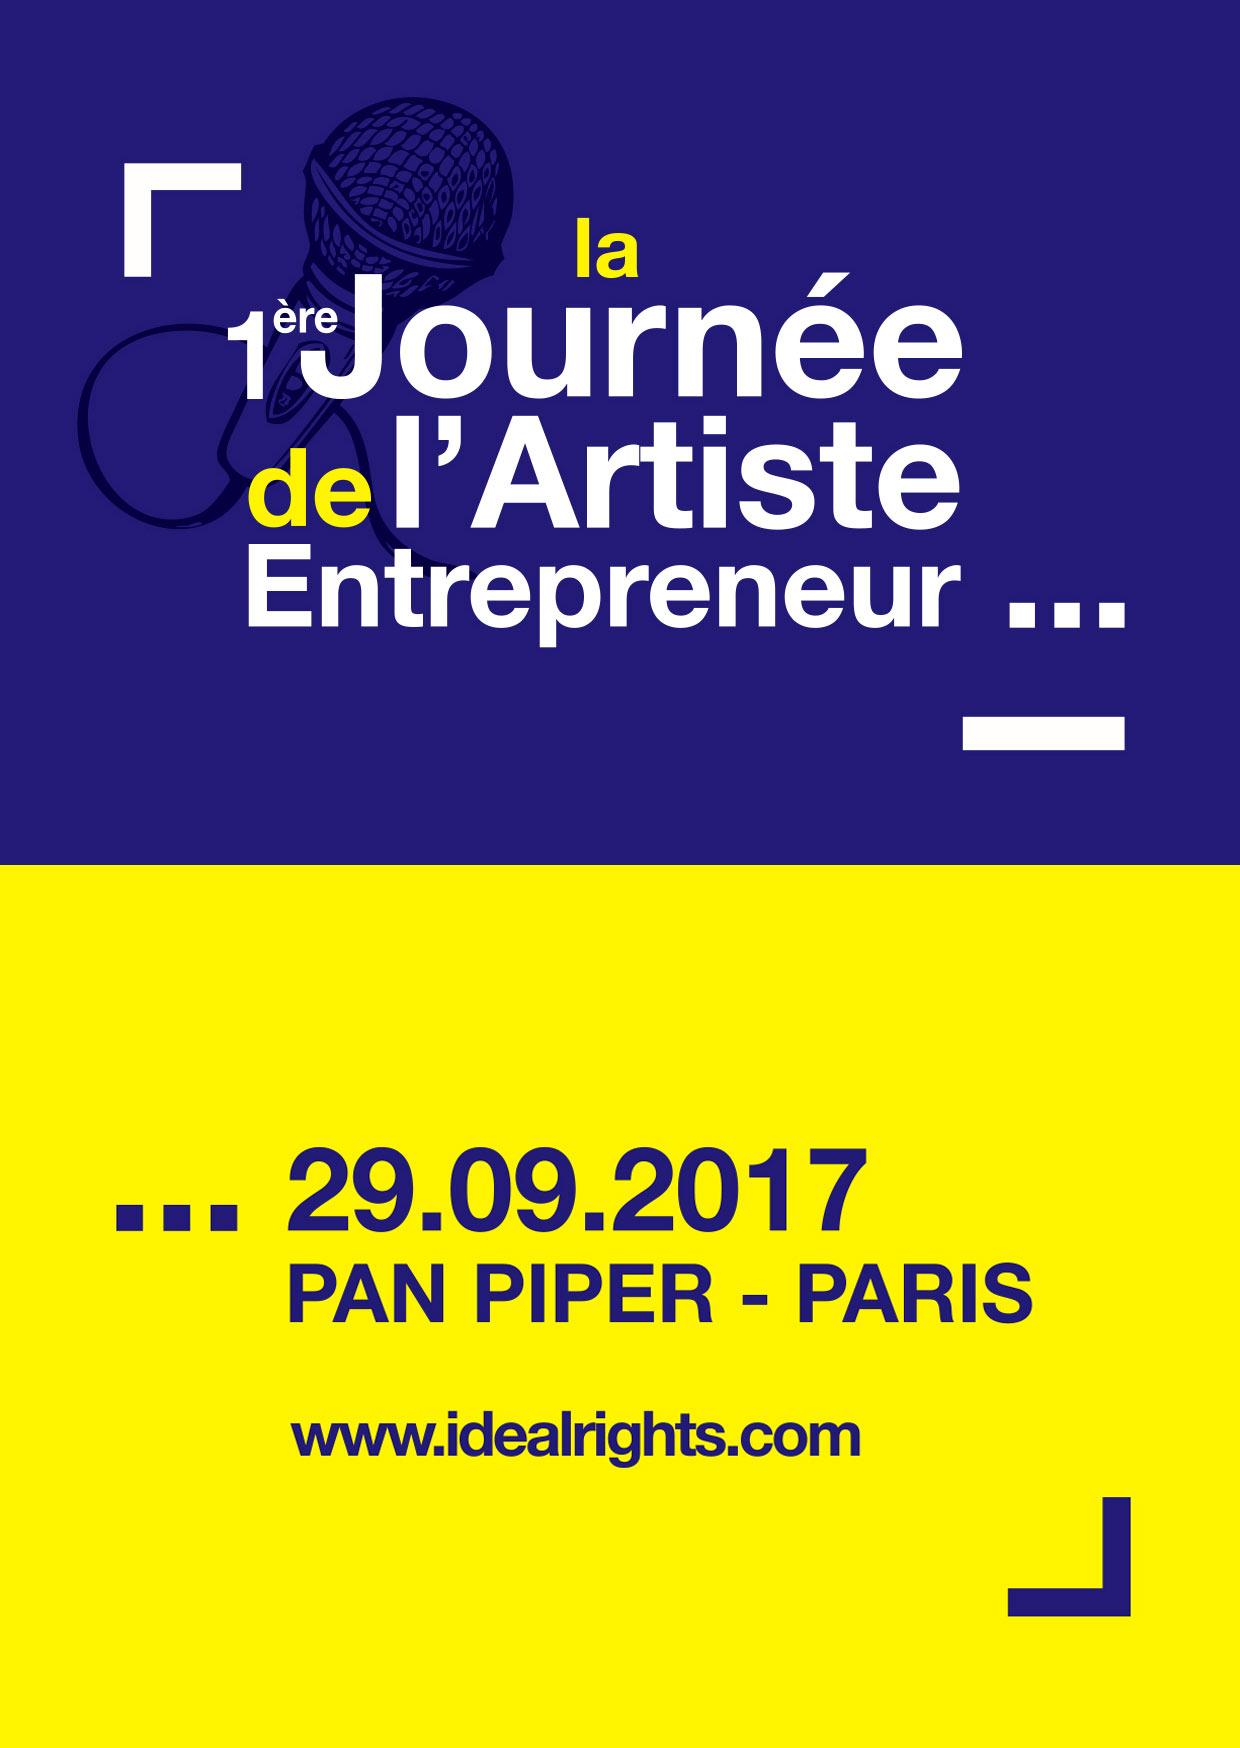 Image journée de l'artiste entrepreneur, le 29 09 2017